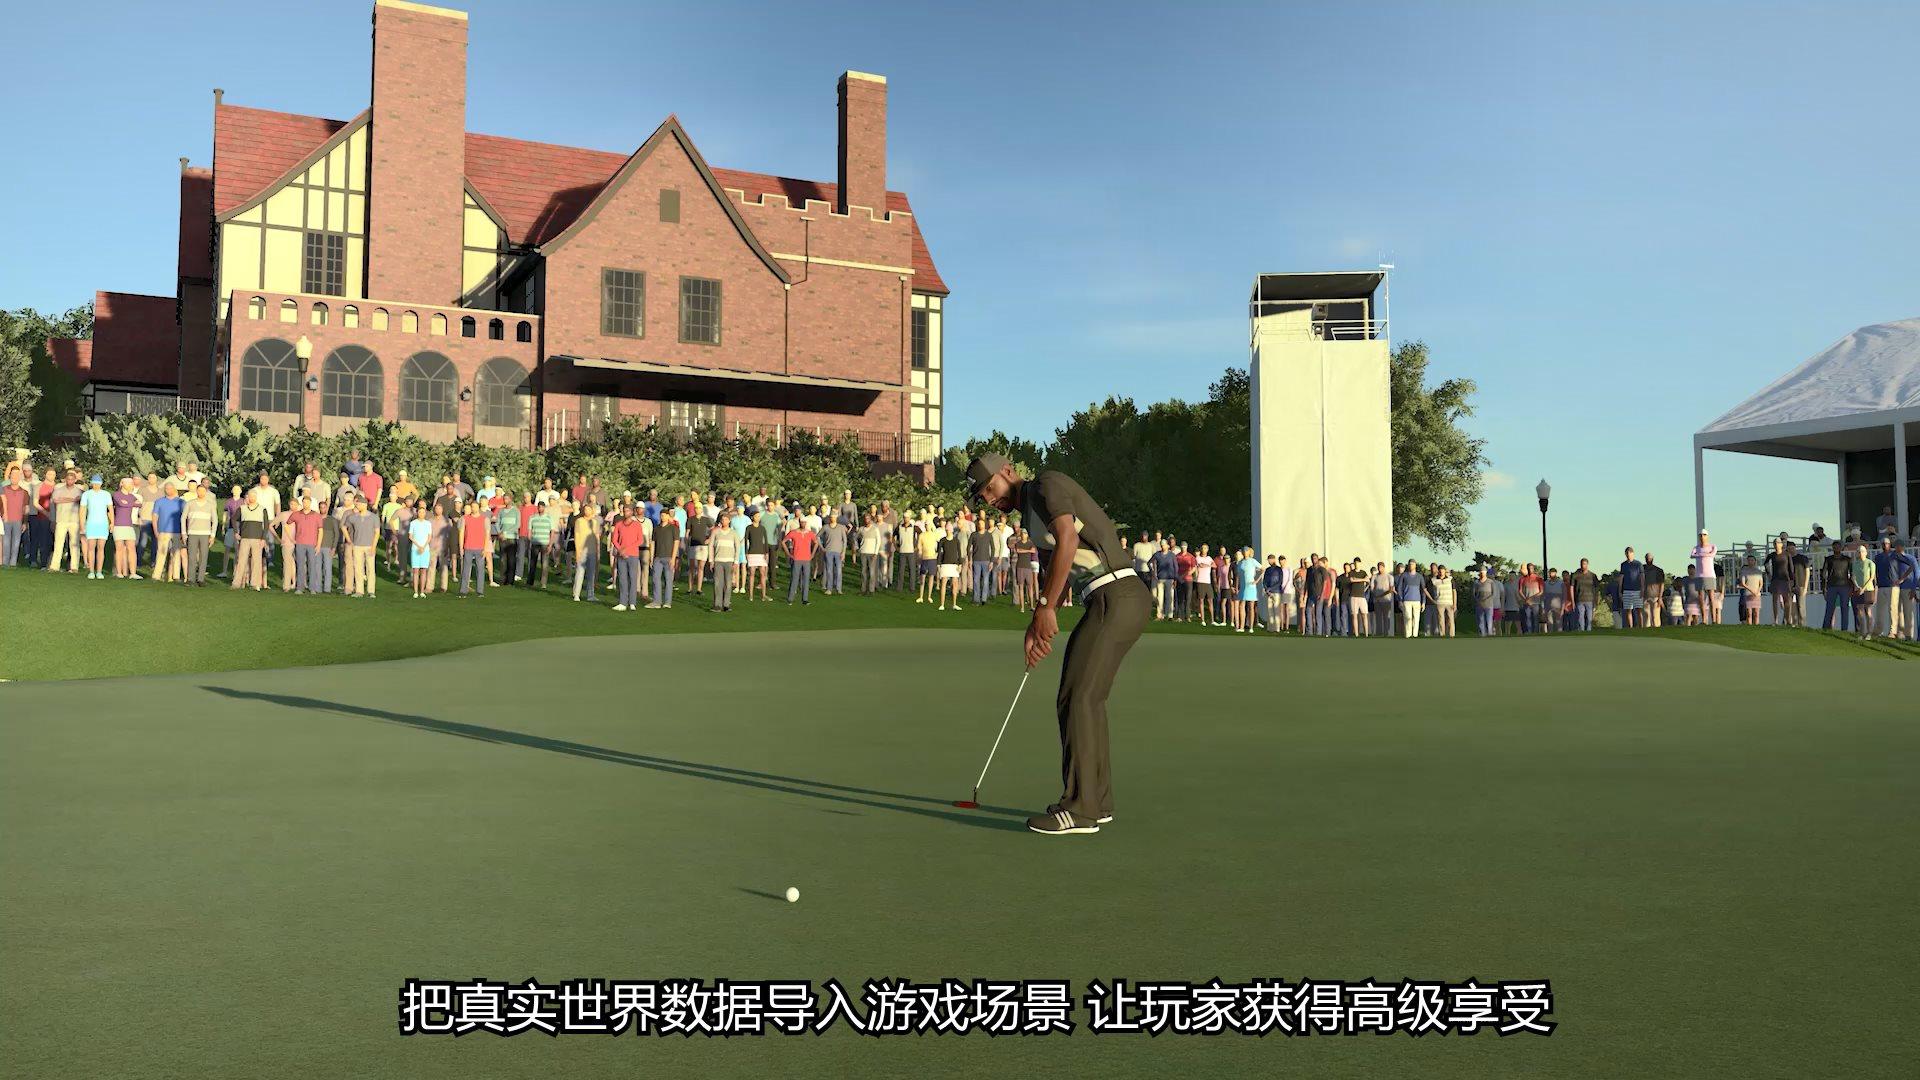 革命性绘图技术让《PGA巡回赛2K21》中的TPC球场无比真实